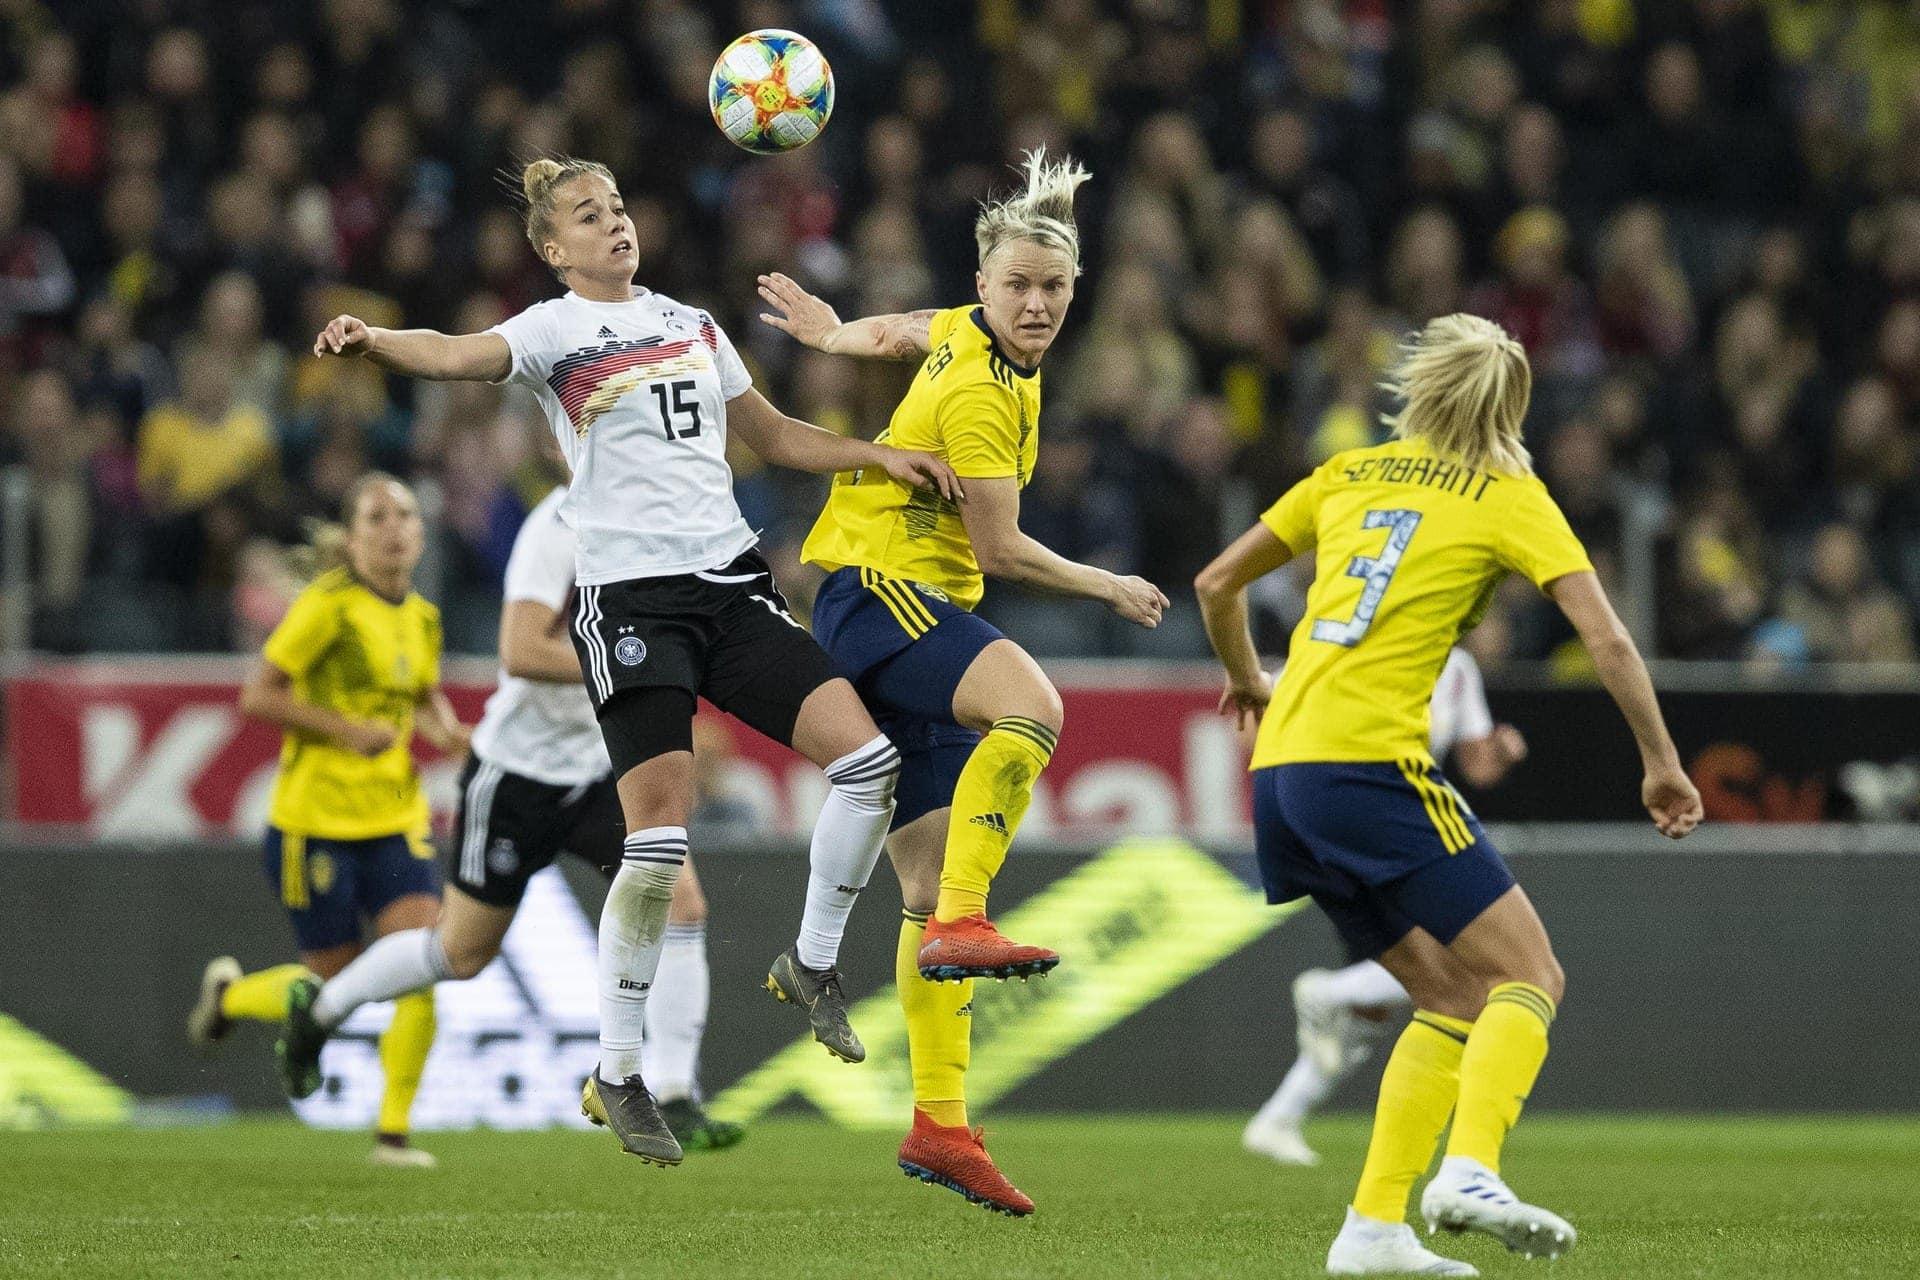 Frauenfußball-Länderspiel am 30. Mai: Deutschland vs. Chile WM-Generalprobe in der Regensburger Continental Arena